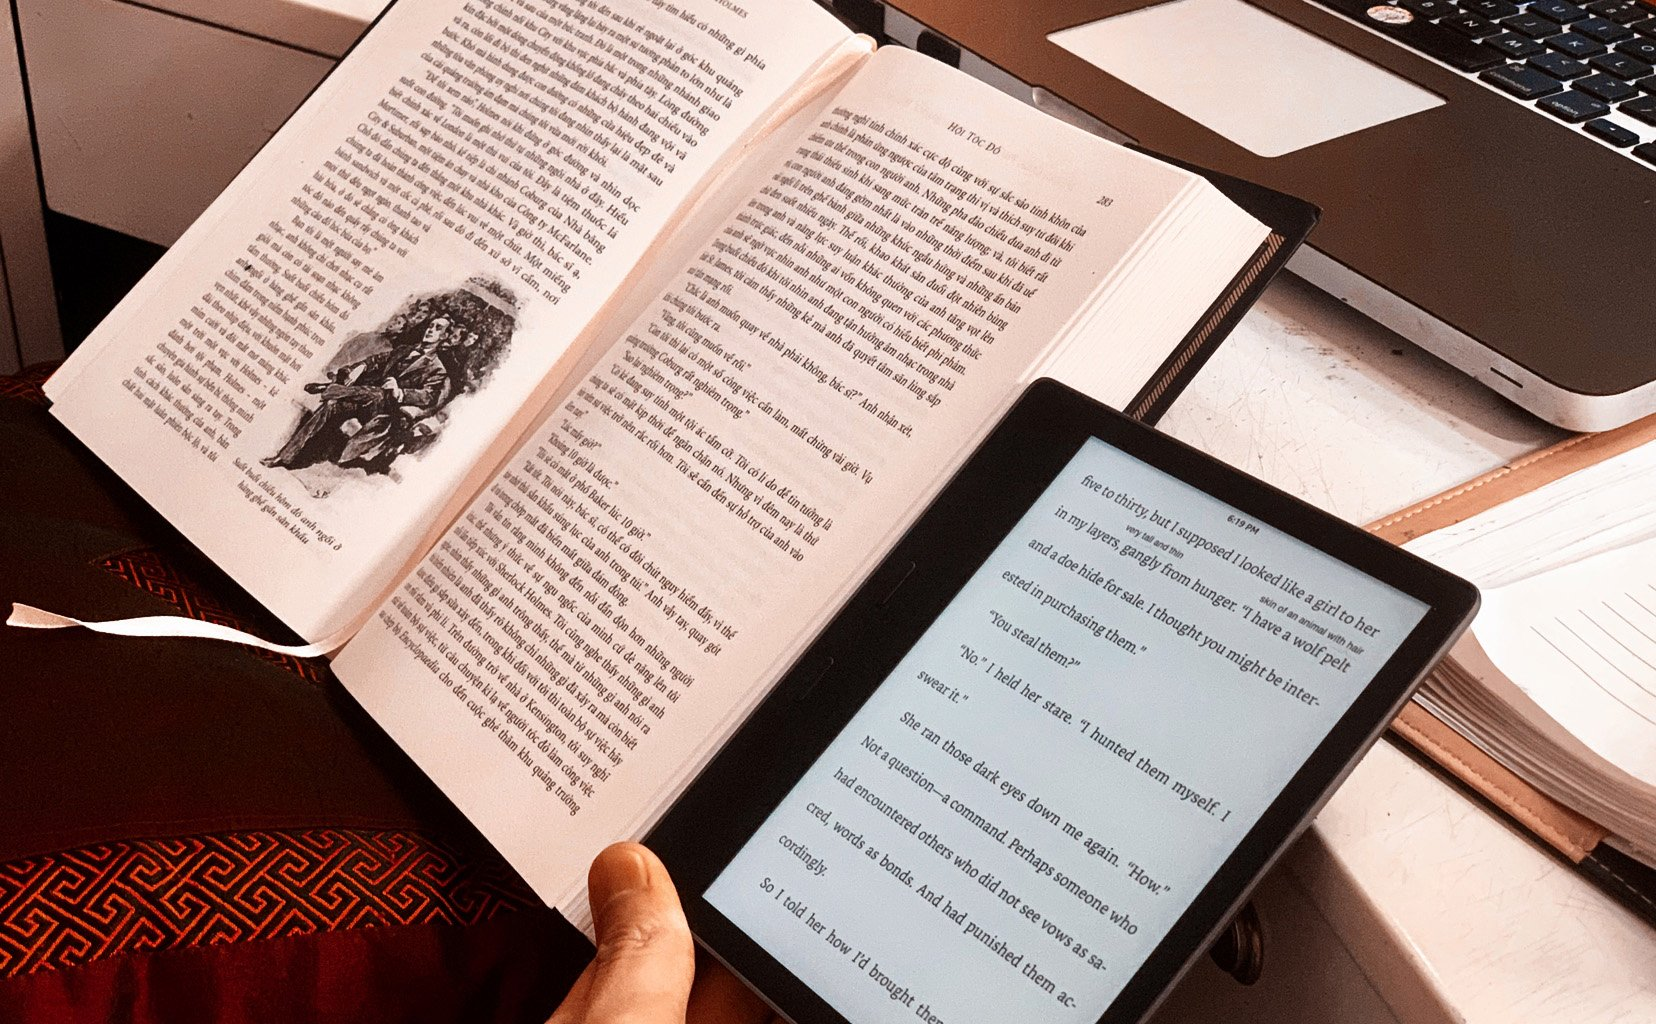 Anh em đọc sách giấy hay máy đọc sách?